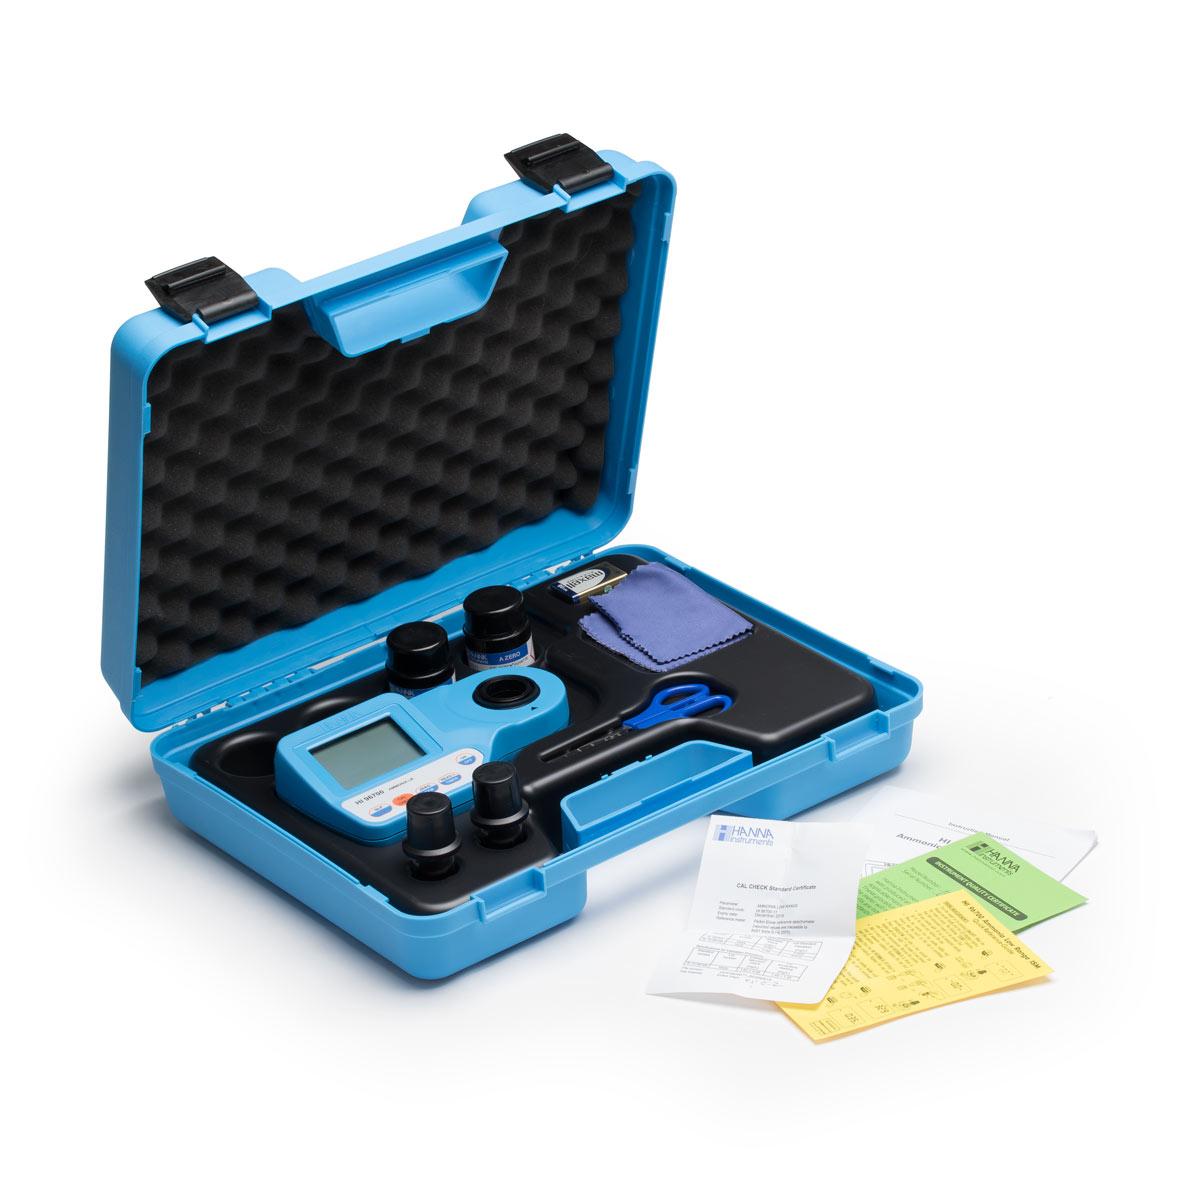 HI96753 - Klorür Taşınabilir Fotometre